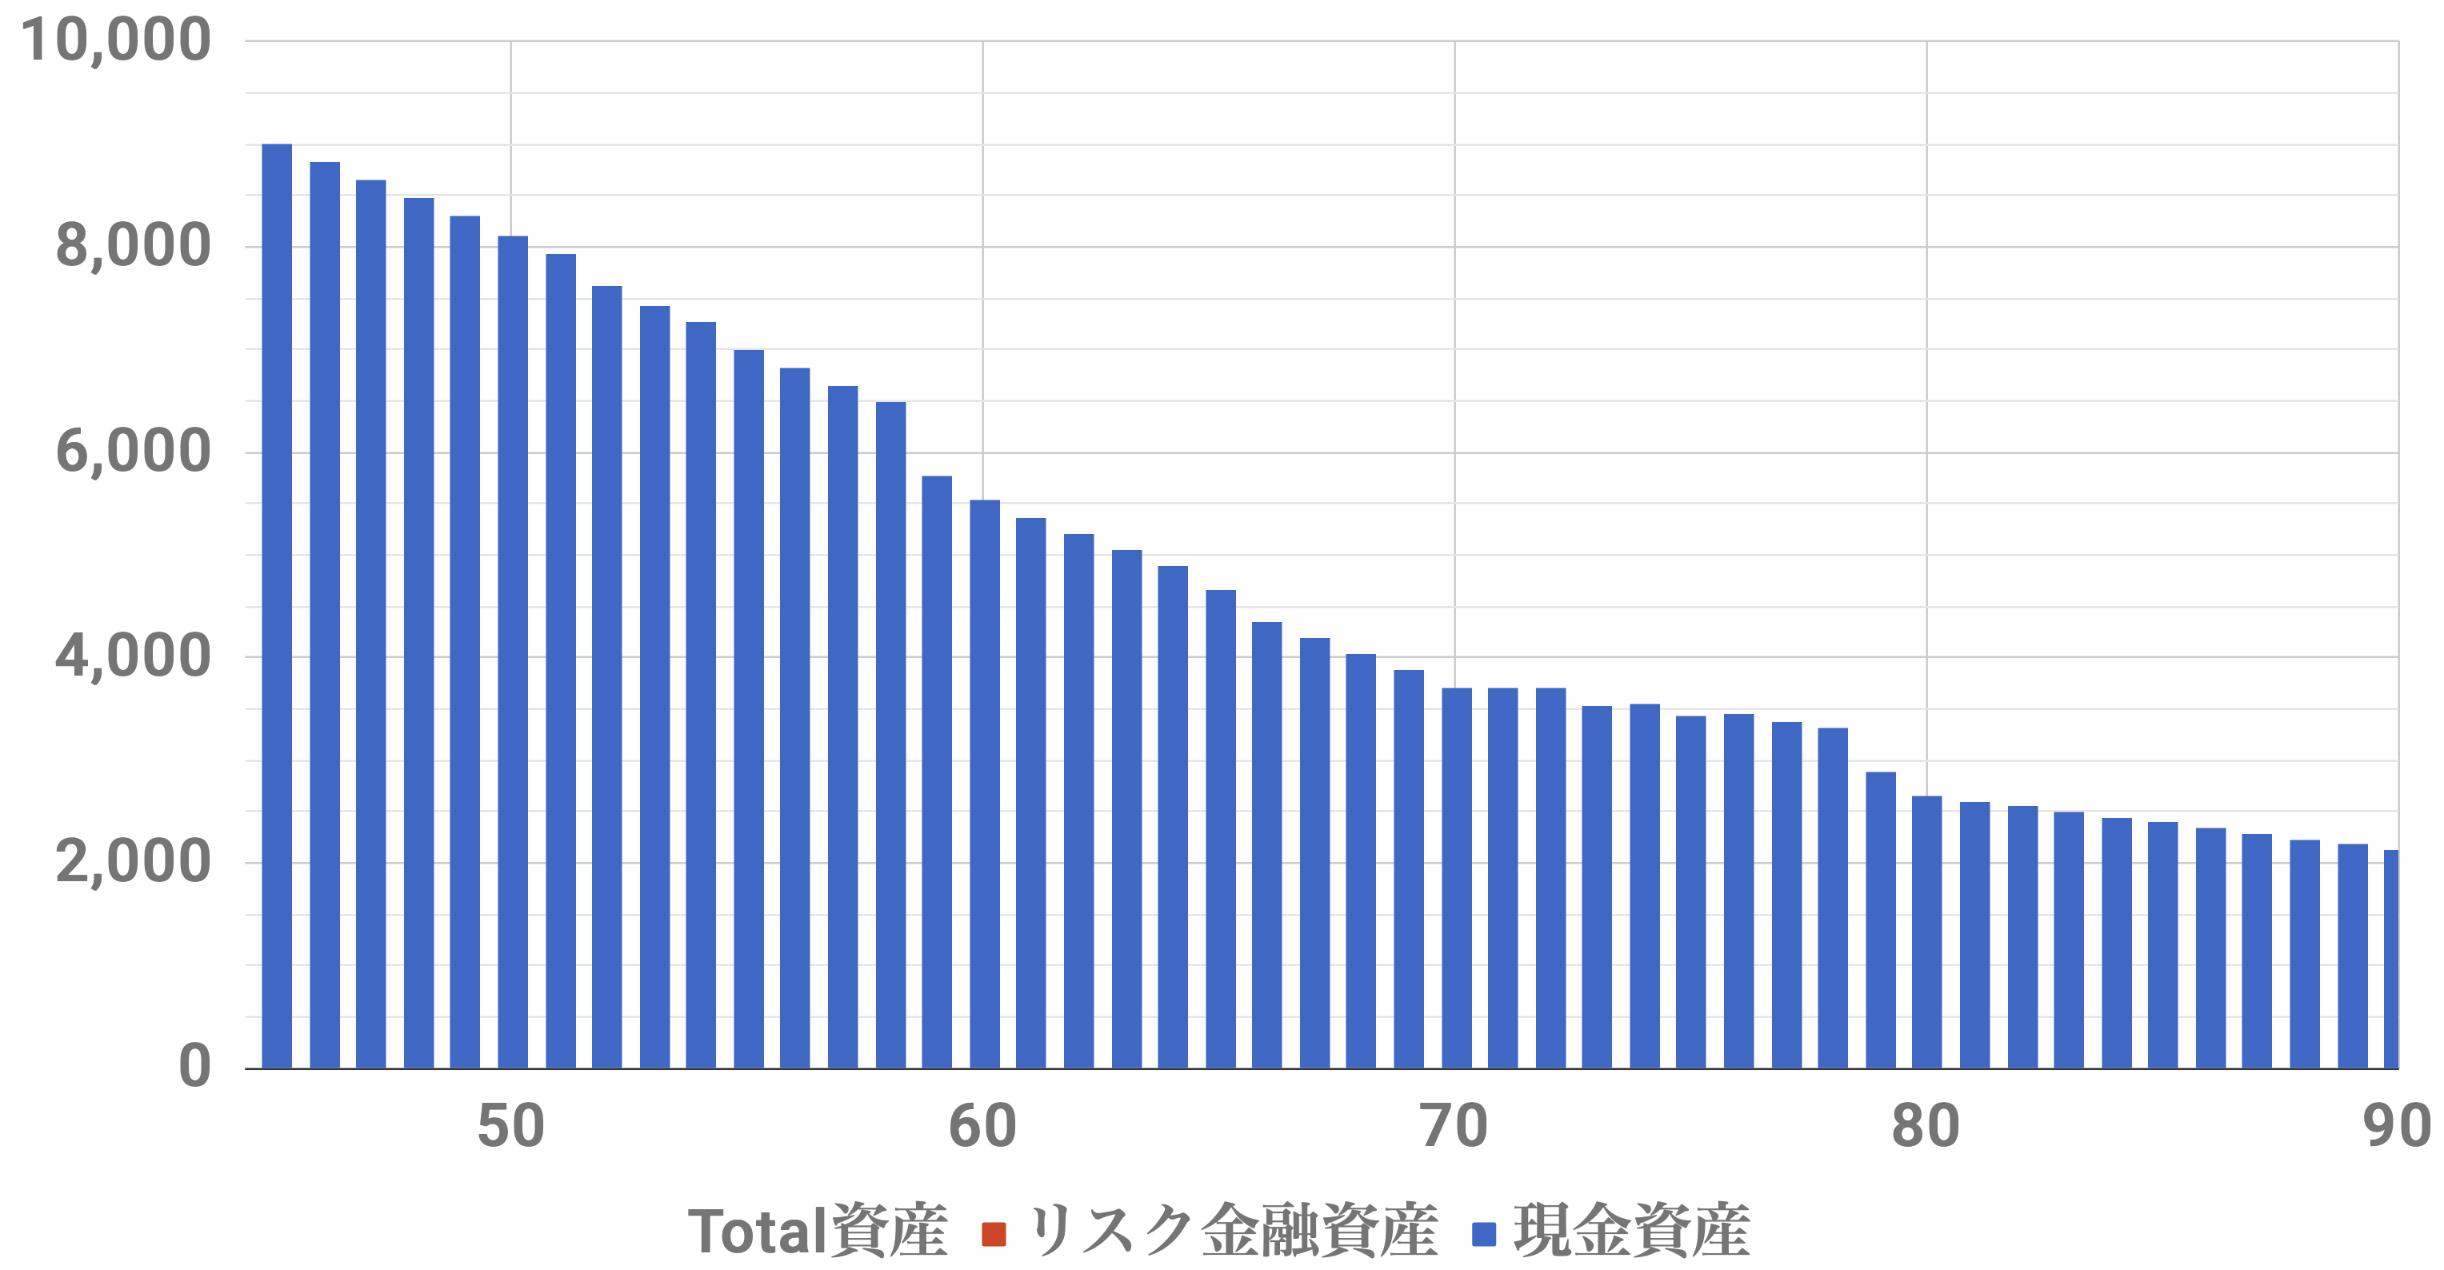 45歳9000万資産シミュレーション(Level3)